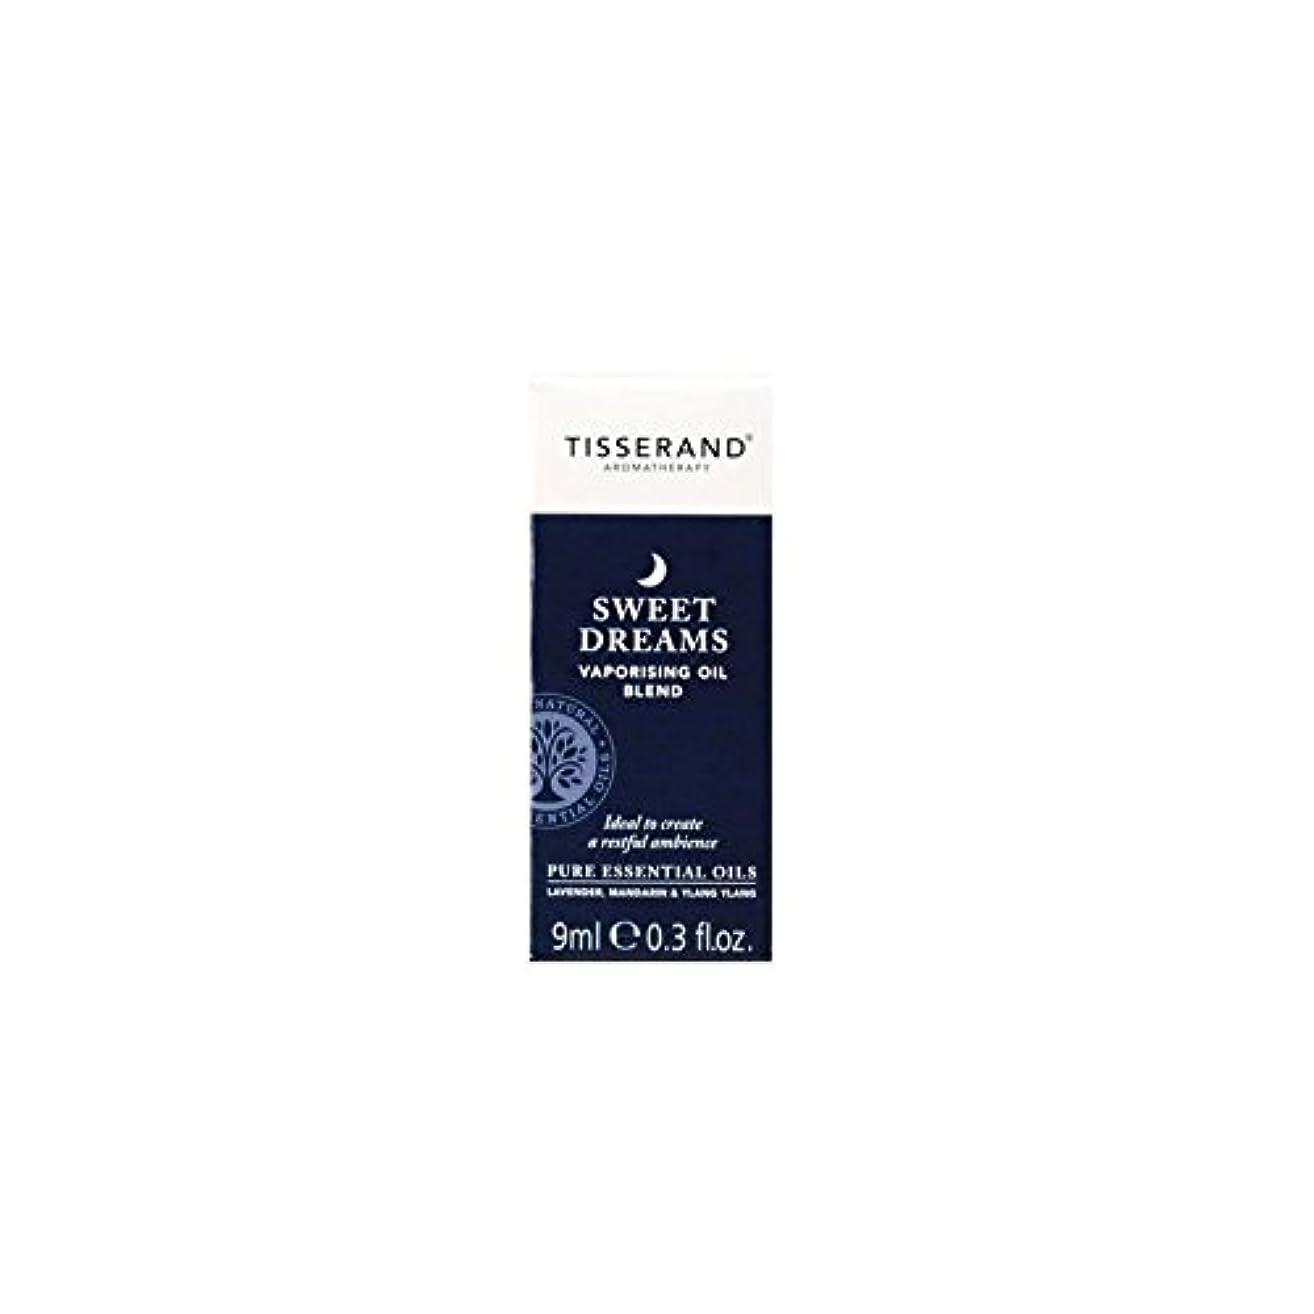 緊張ボイド消えるオイル9ミリリットルを気化甘い夢 (Tisserand) (x 4) - Tisserand Sweet Dreams Vaporising Oil 9ml (Pack of 4) [並行輸入品]